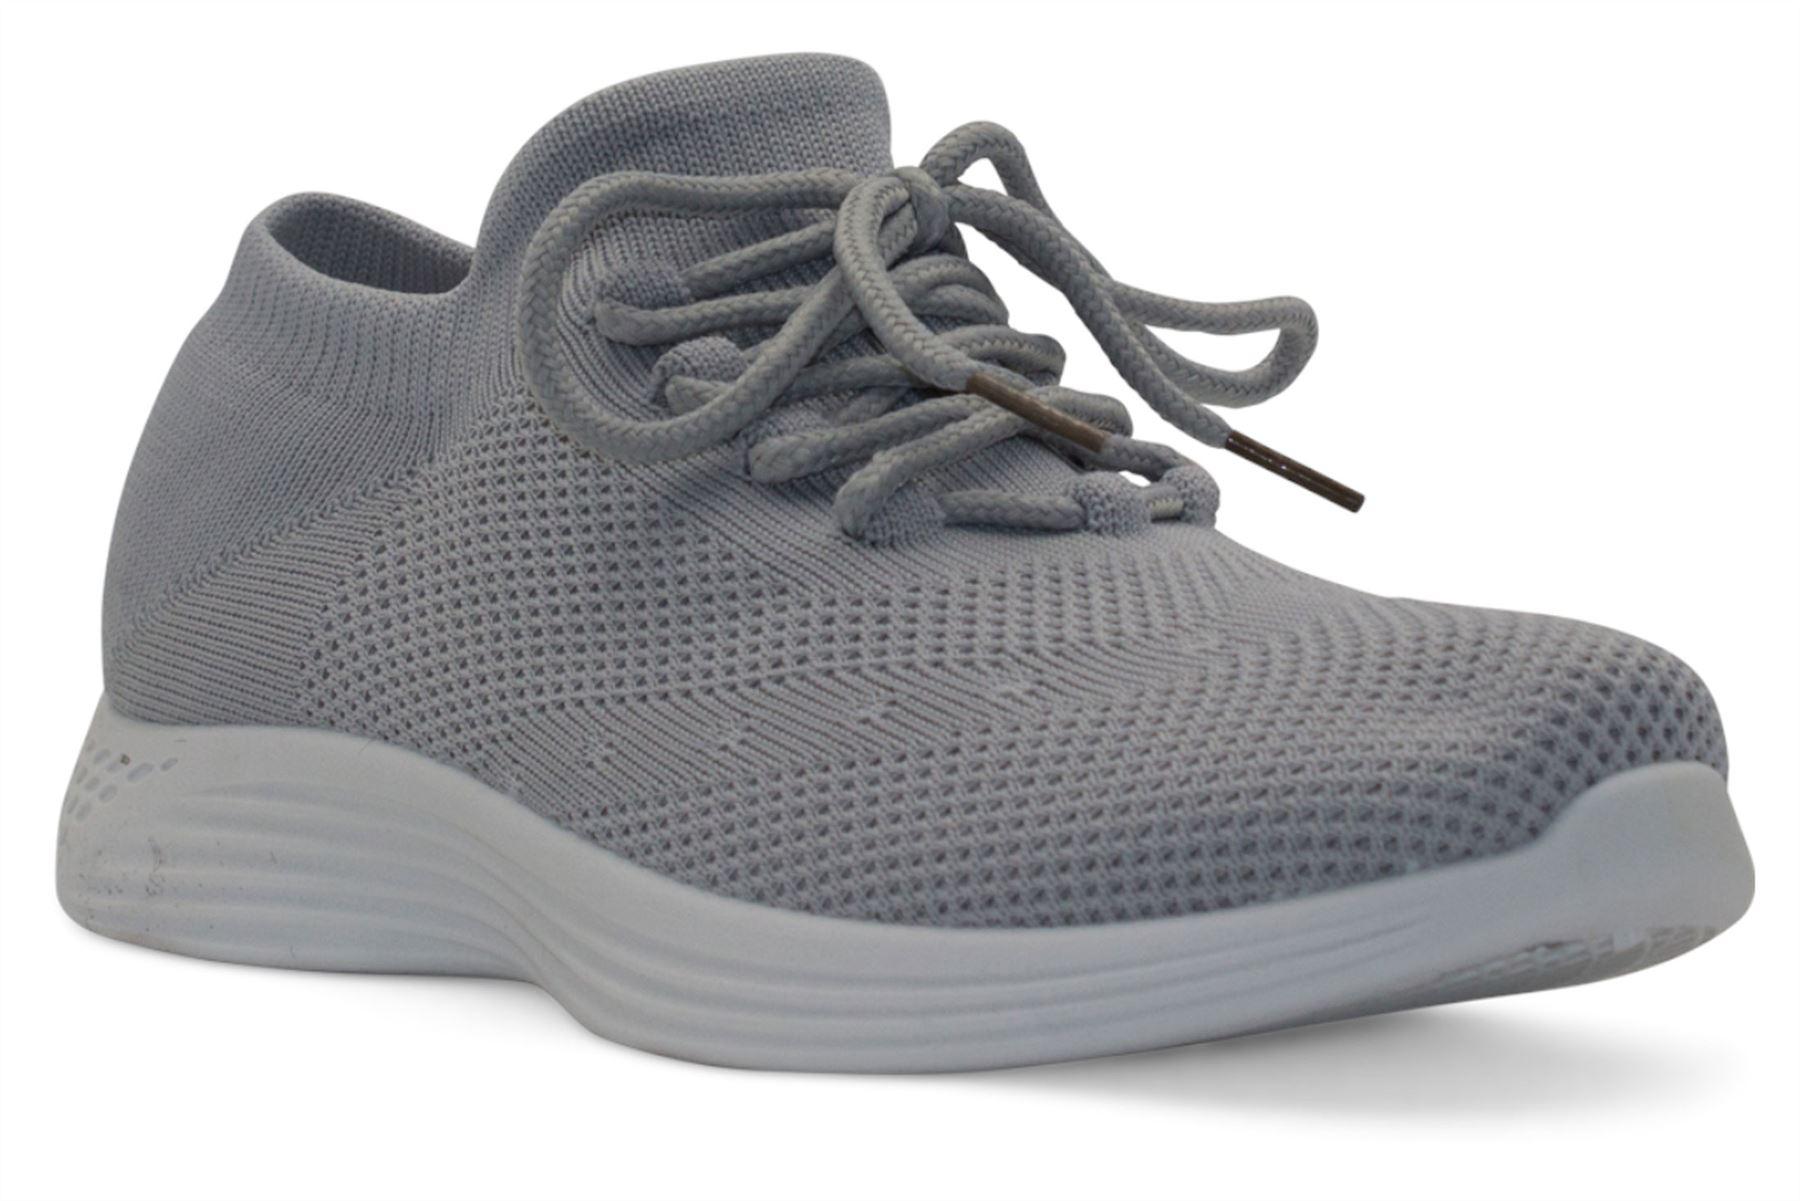 Sneaker Femmes Filles À Lacets Sport Décontracté Marche Été Chaussures Taille